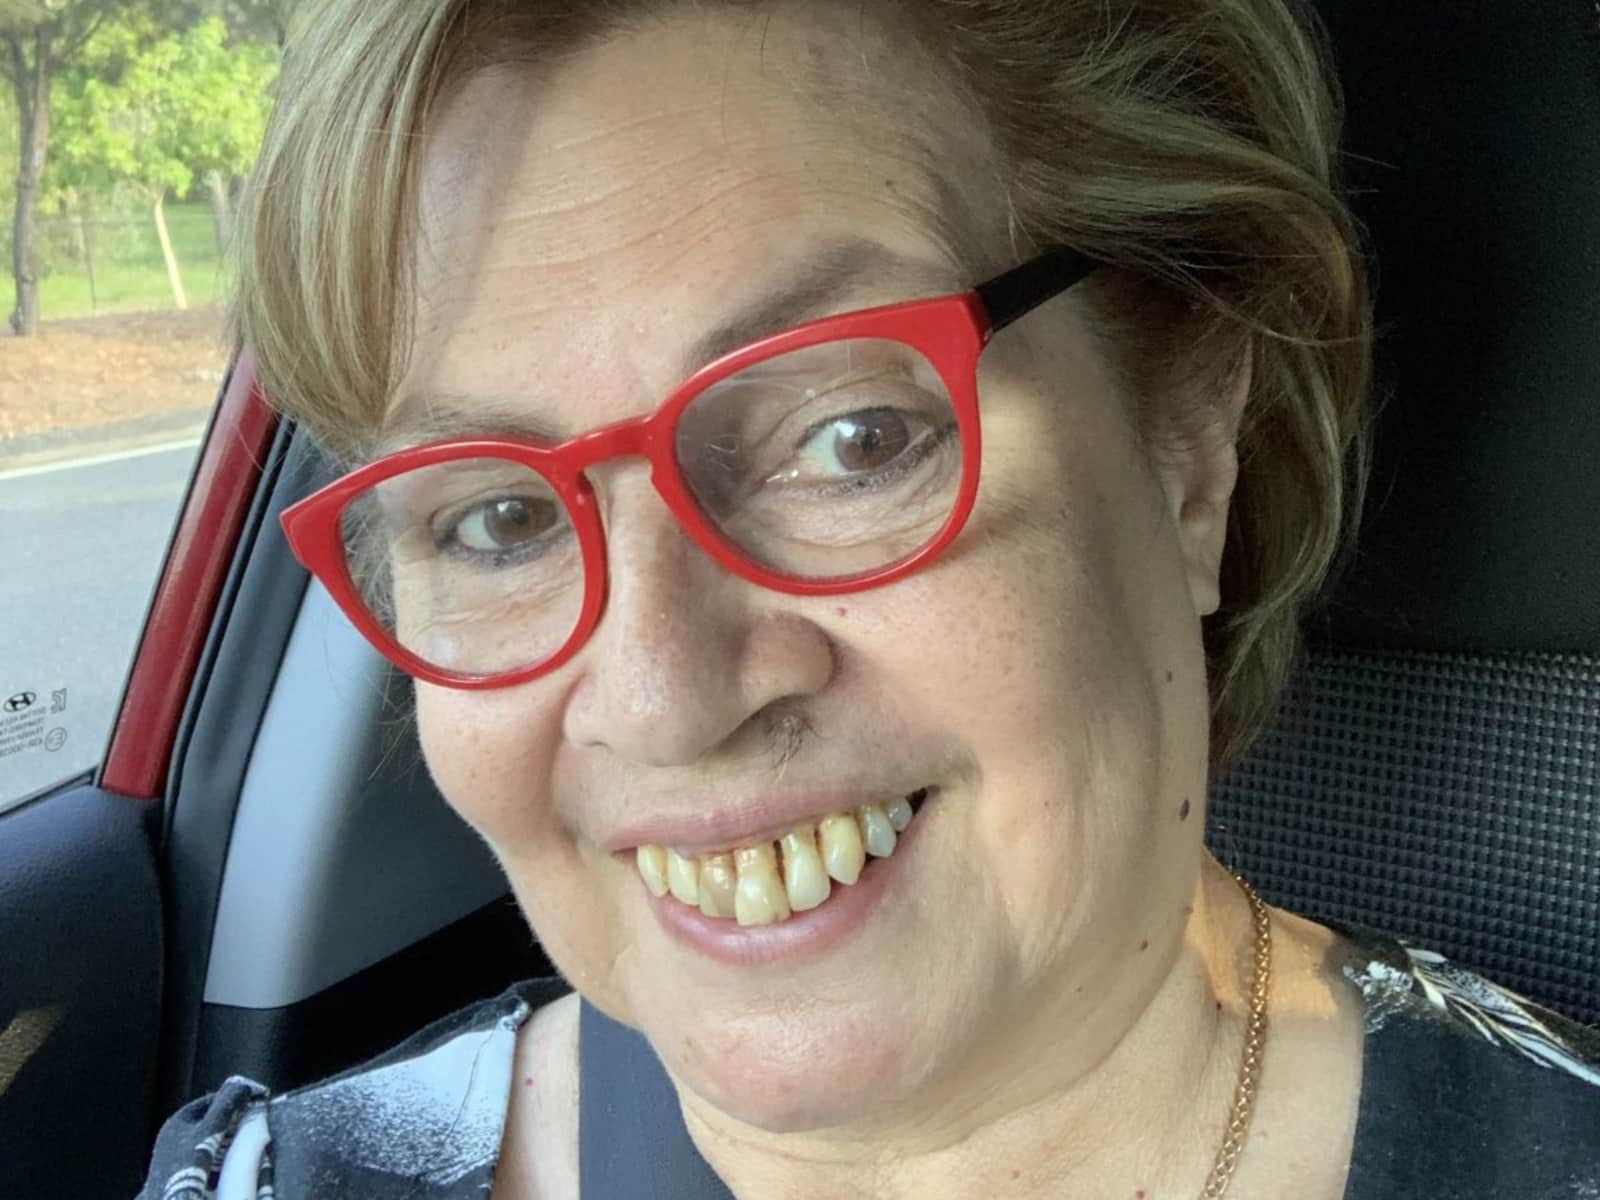 Edie from Brisbane, Queensland, Australia